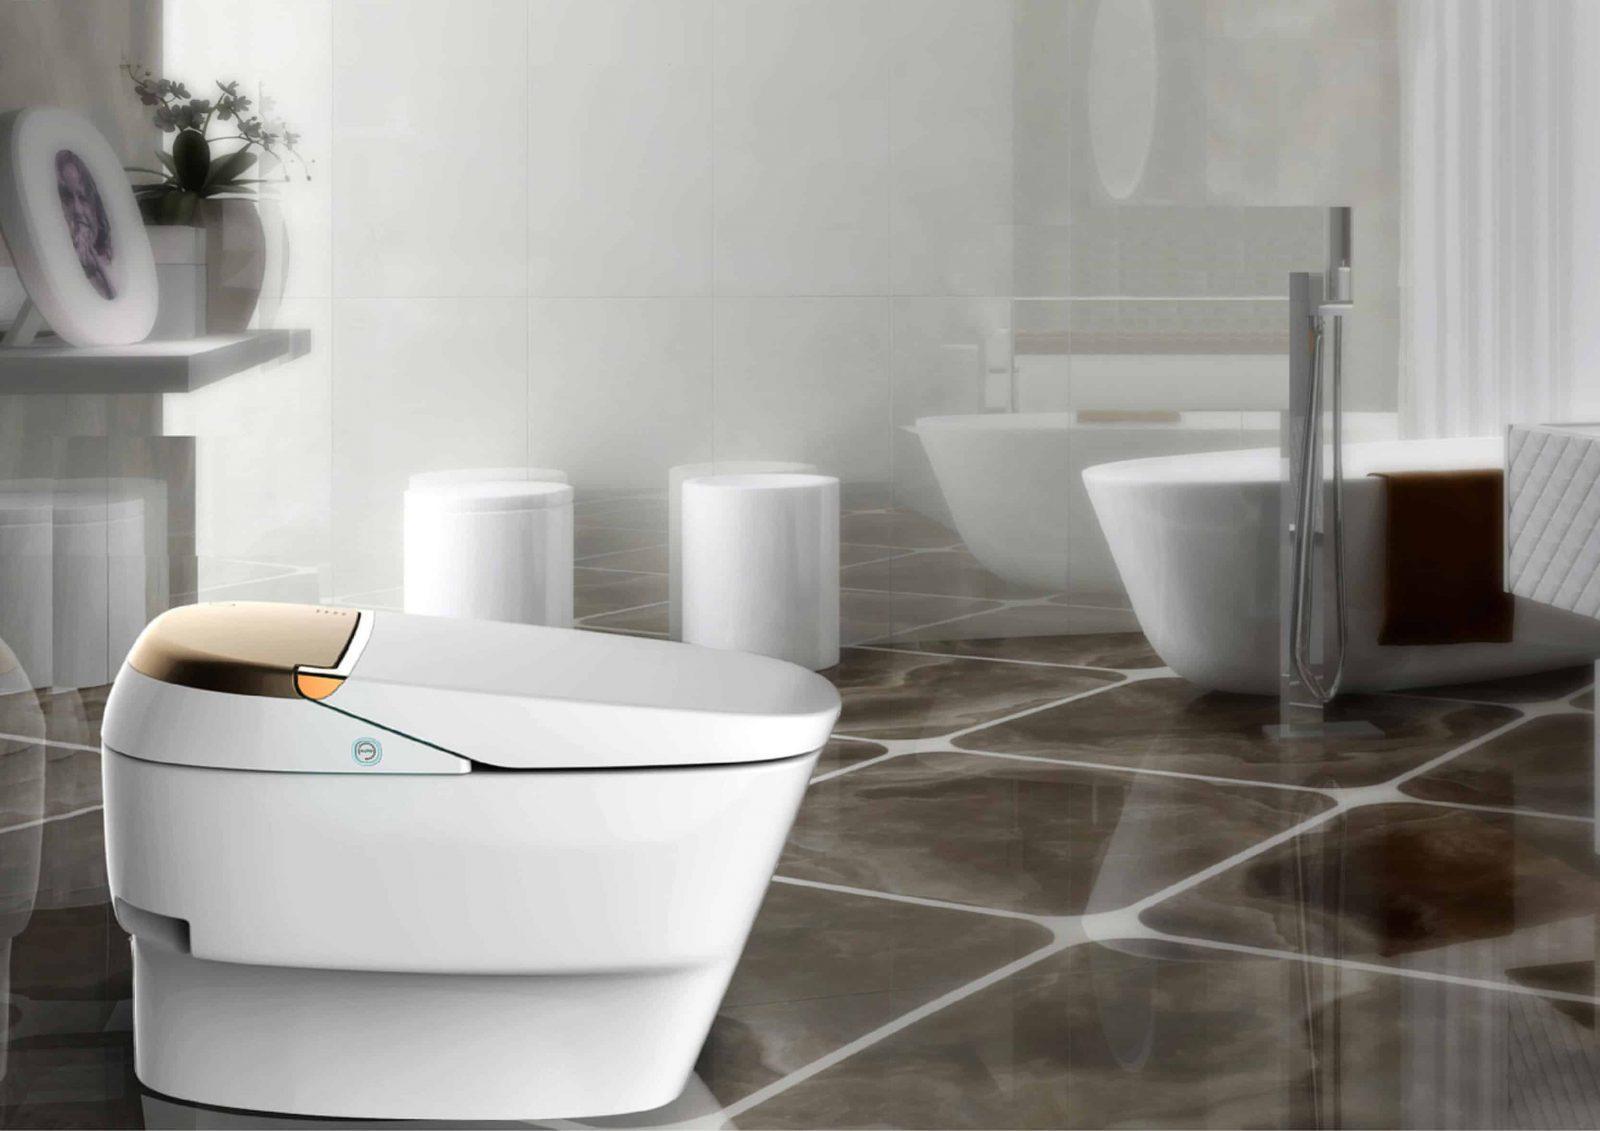 Jomoo i7 Plus Intelligent Toilet